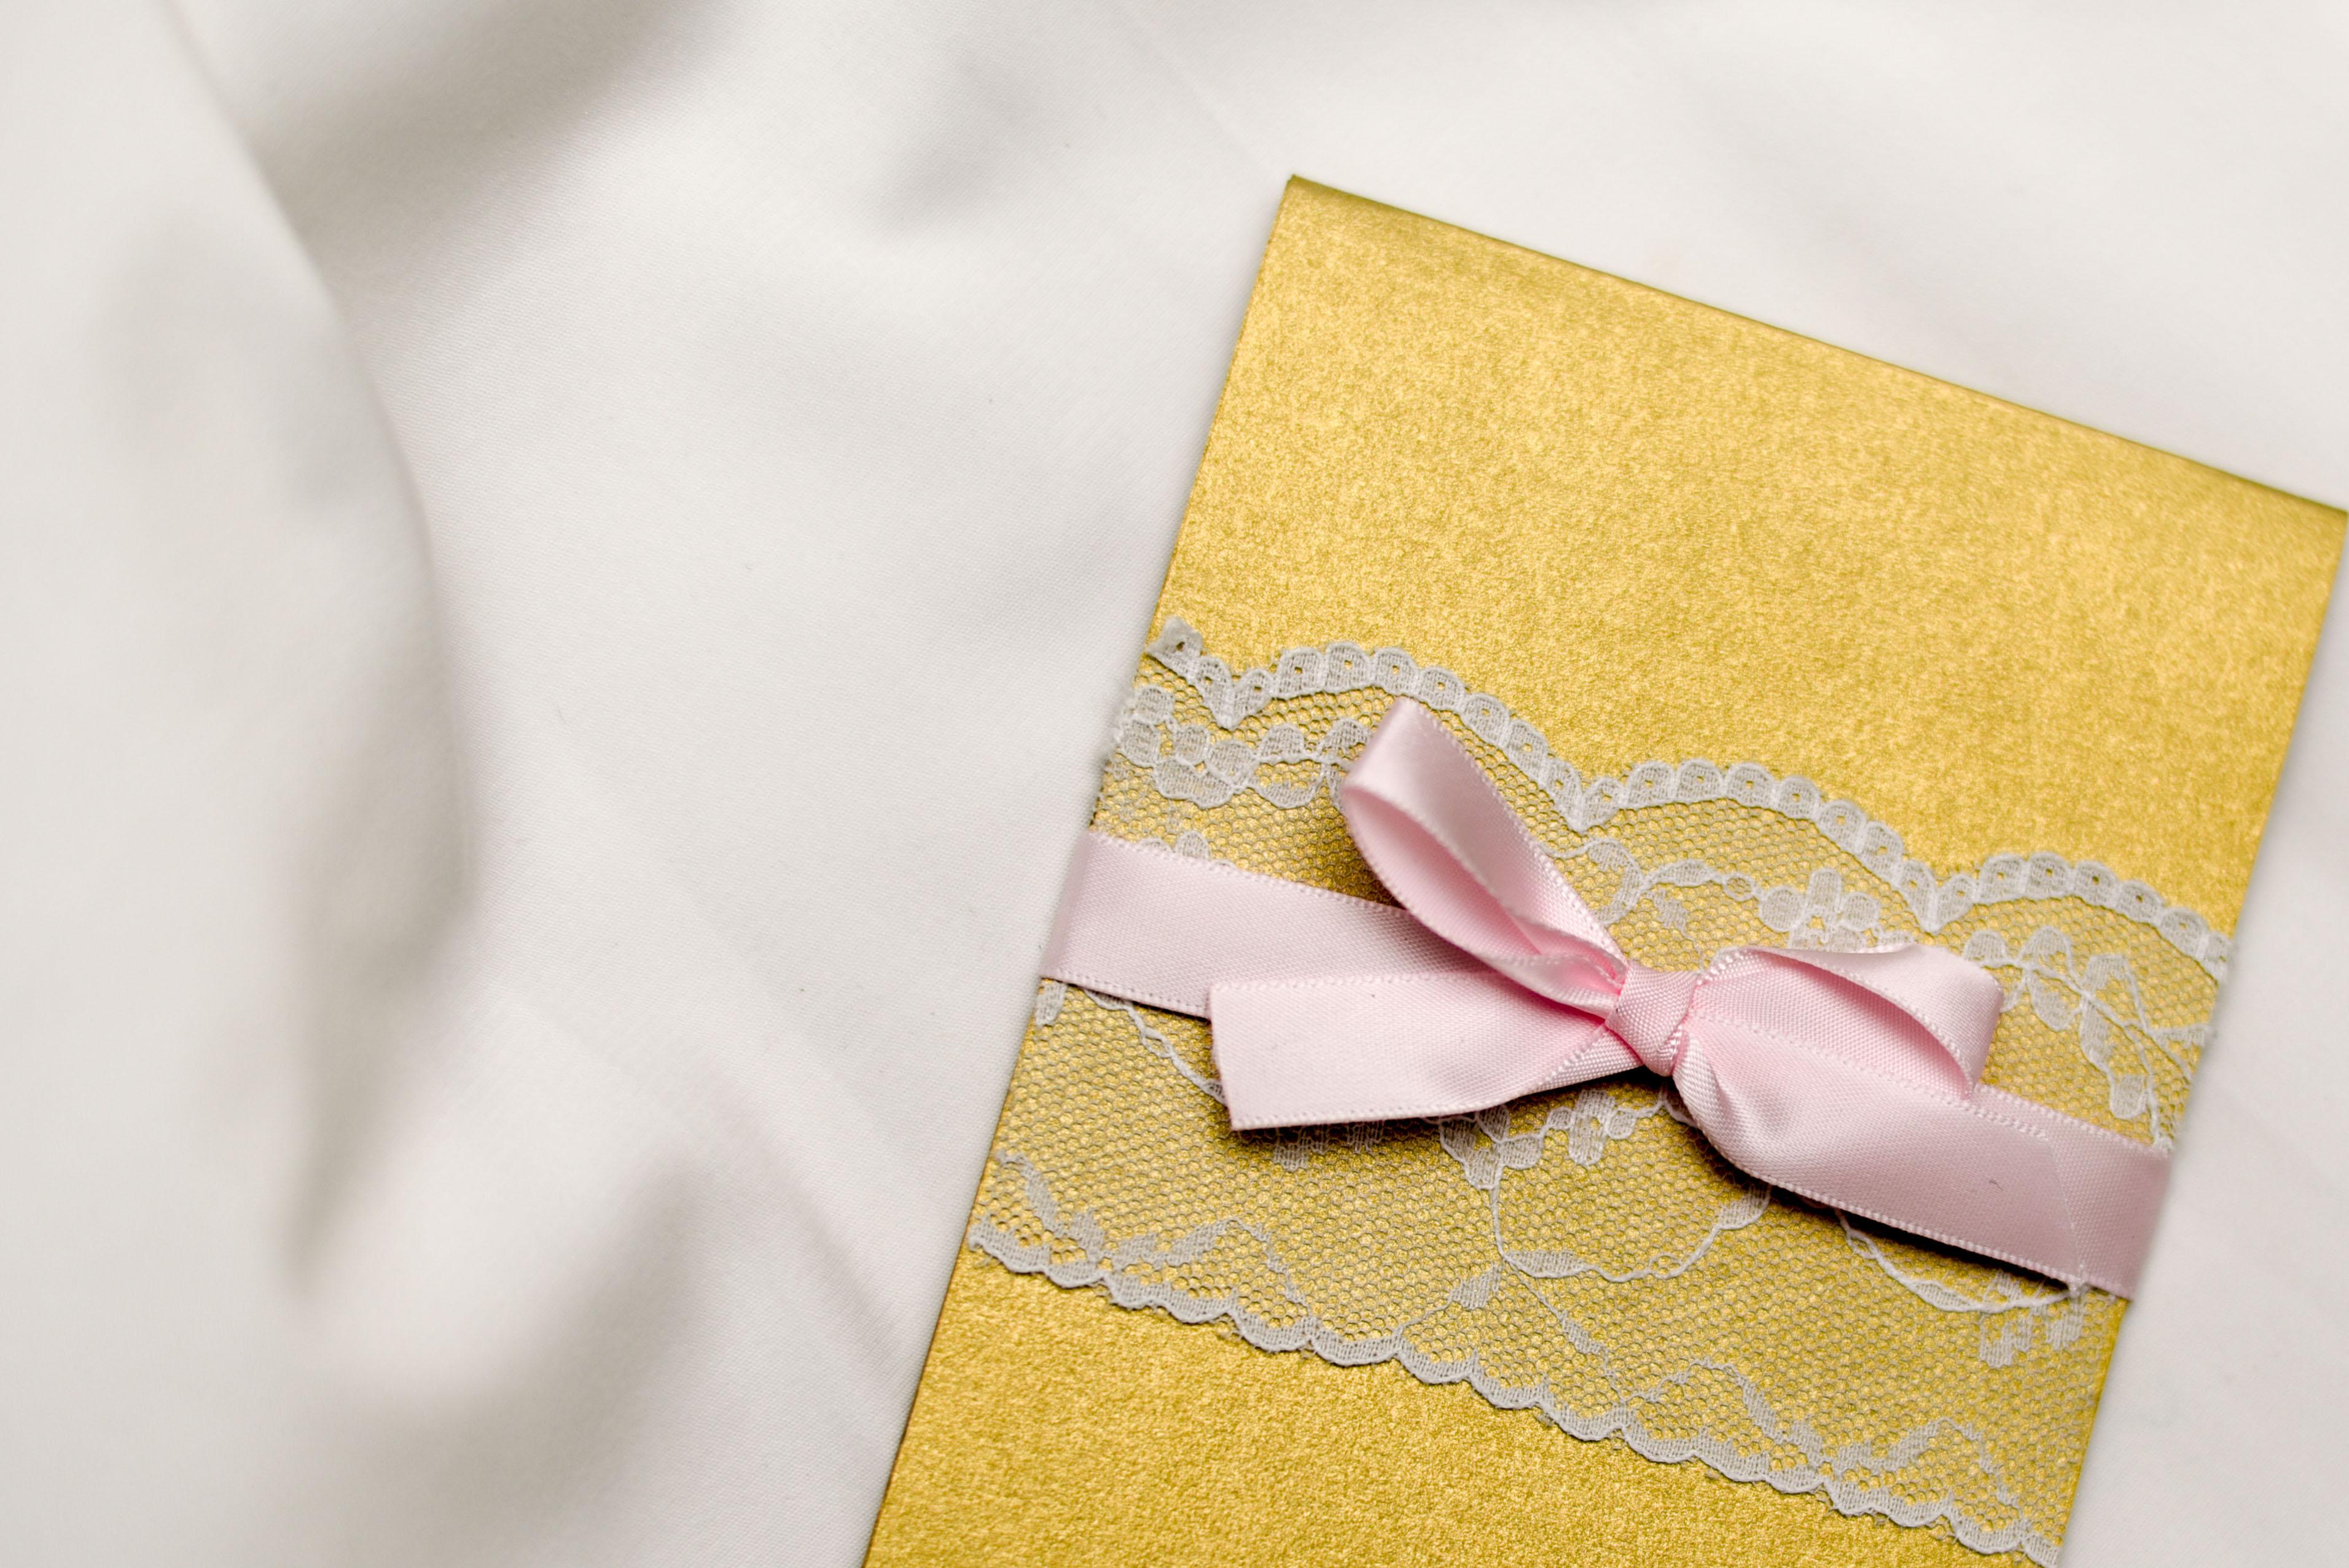 Fairytale bridal invitation